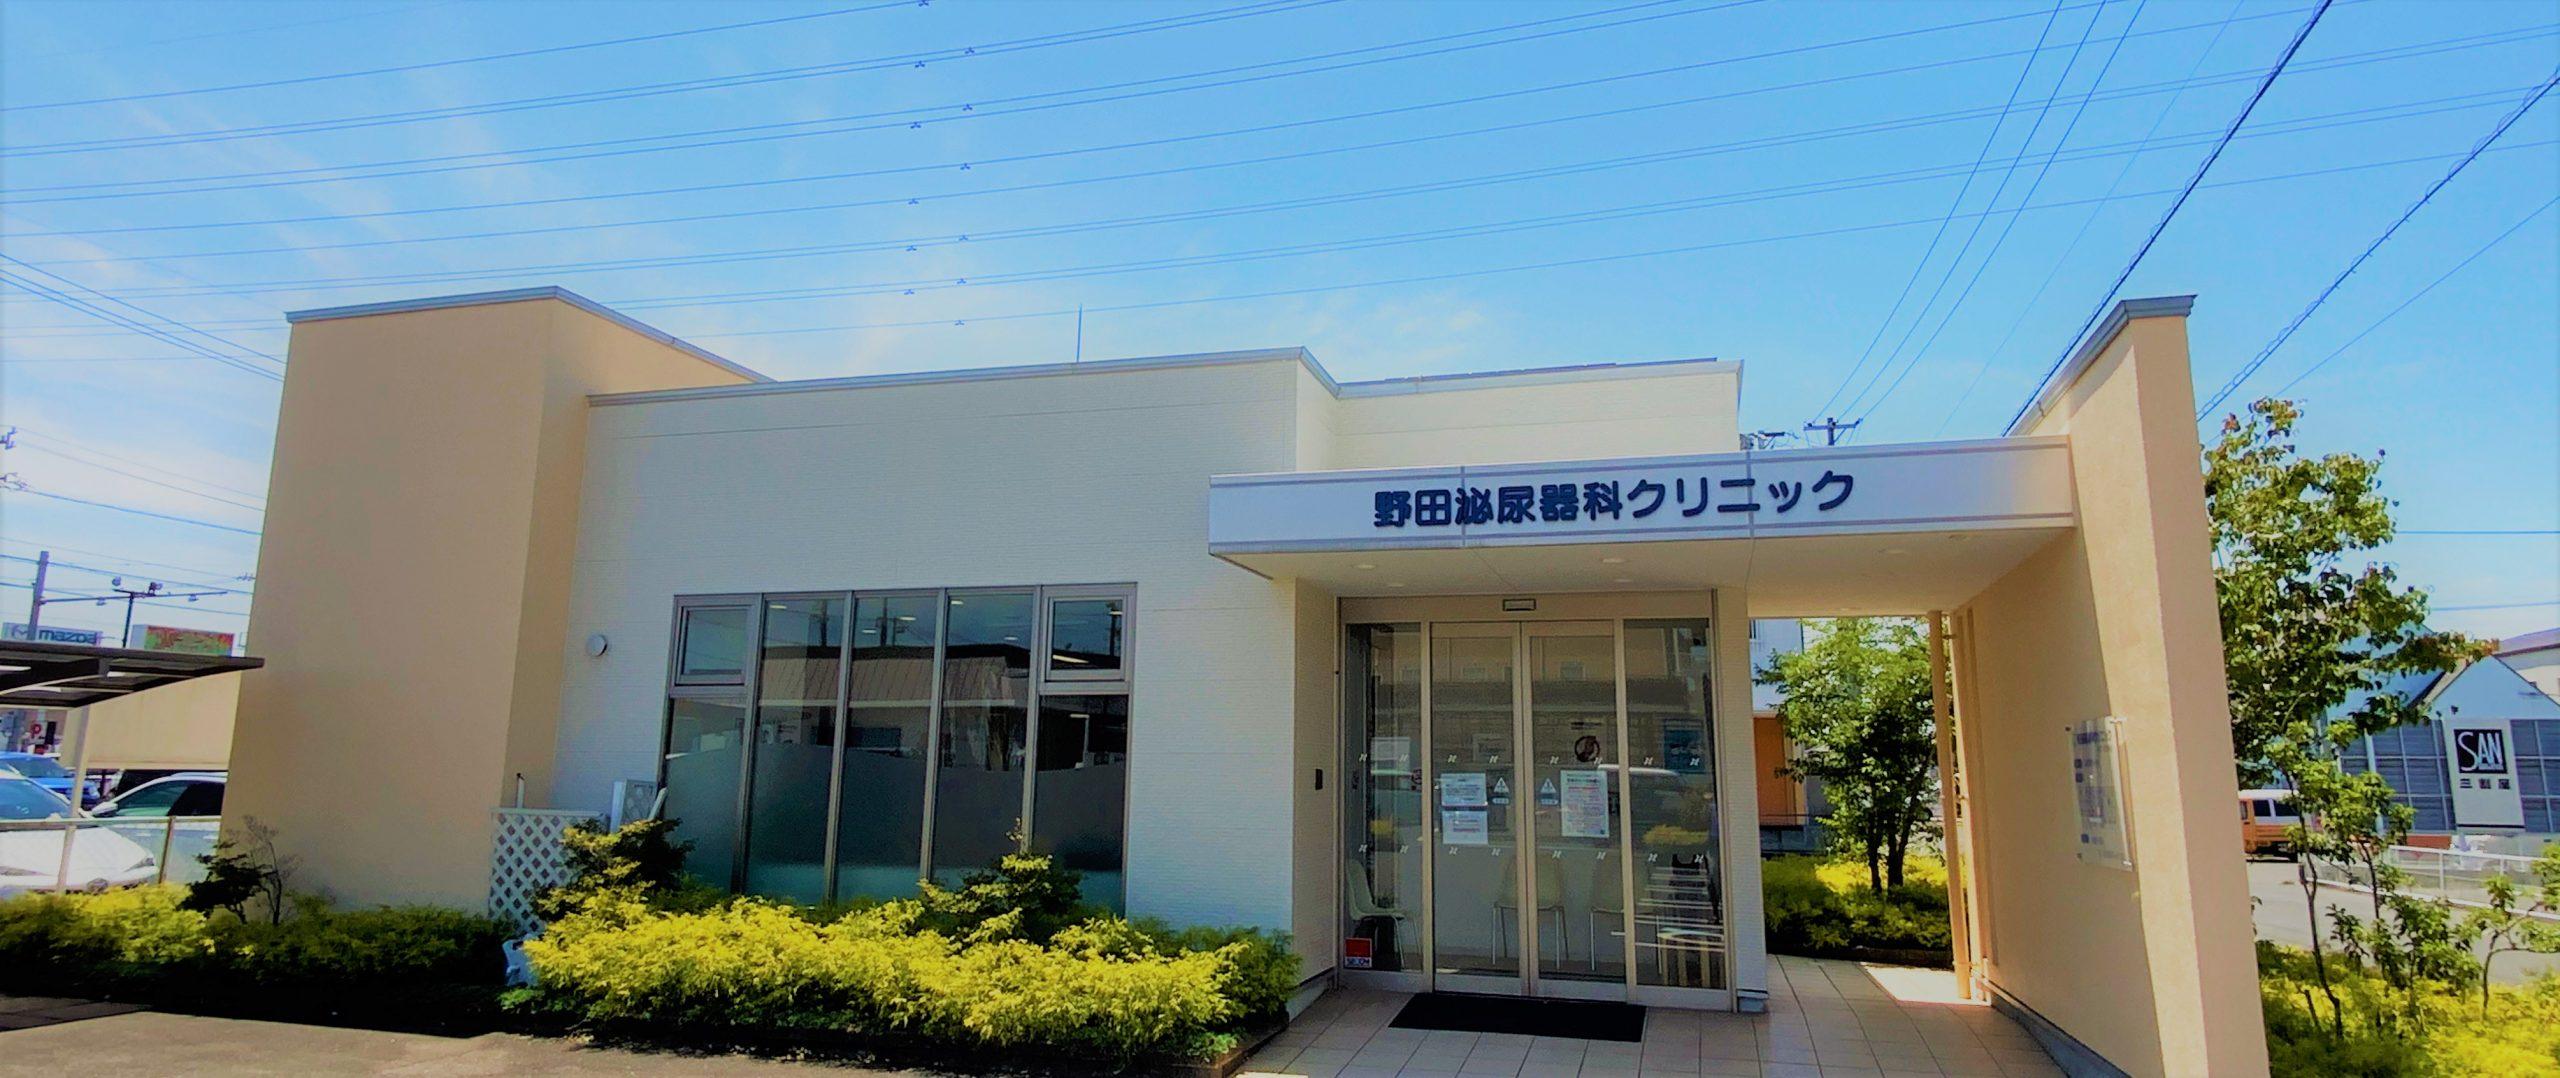 野田泌尿器科クリニック(全景)